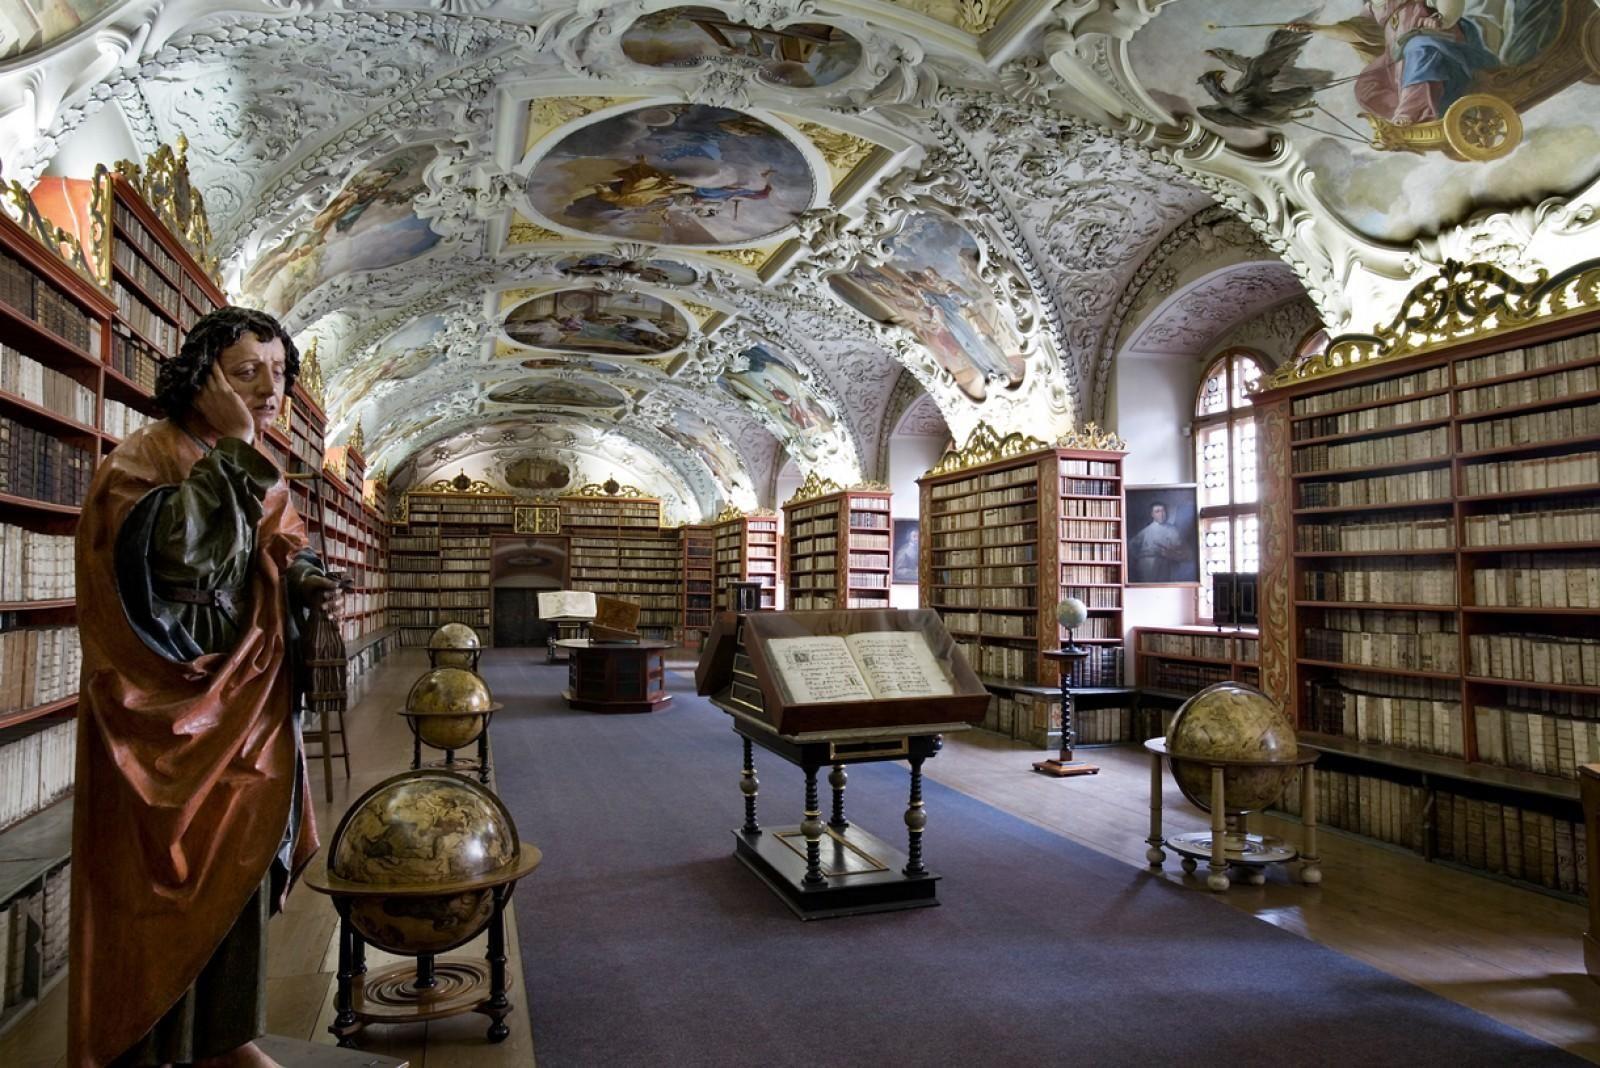 De Theology Hall is te vinden in het Tsjechische Strahov-klooster in Praag. Het grootste deel van de imposante zaal is gevuld met bijbels, maar er staan ook enkele Nederlandse globes uit de zeventiende eeuw.